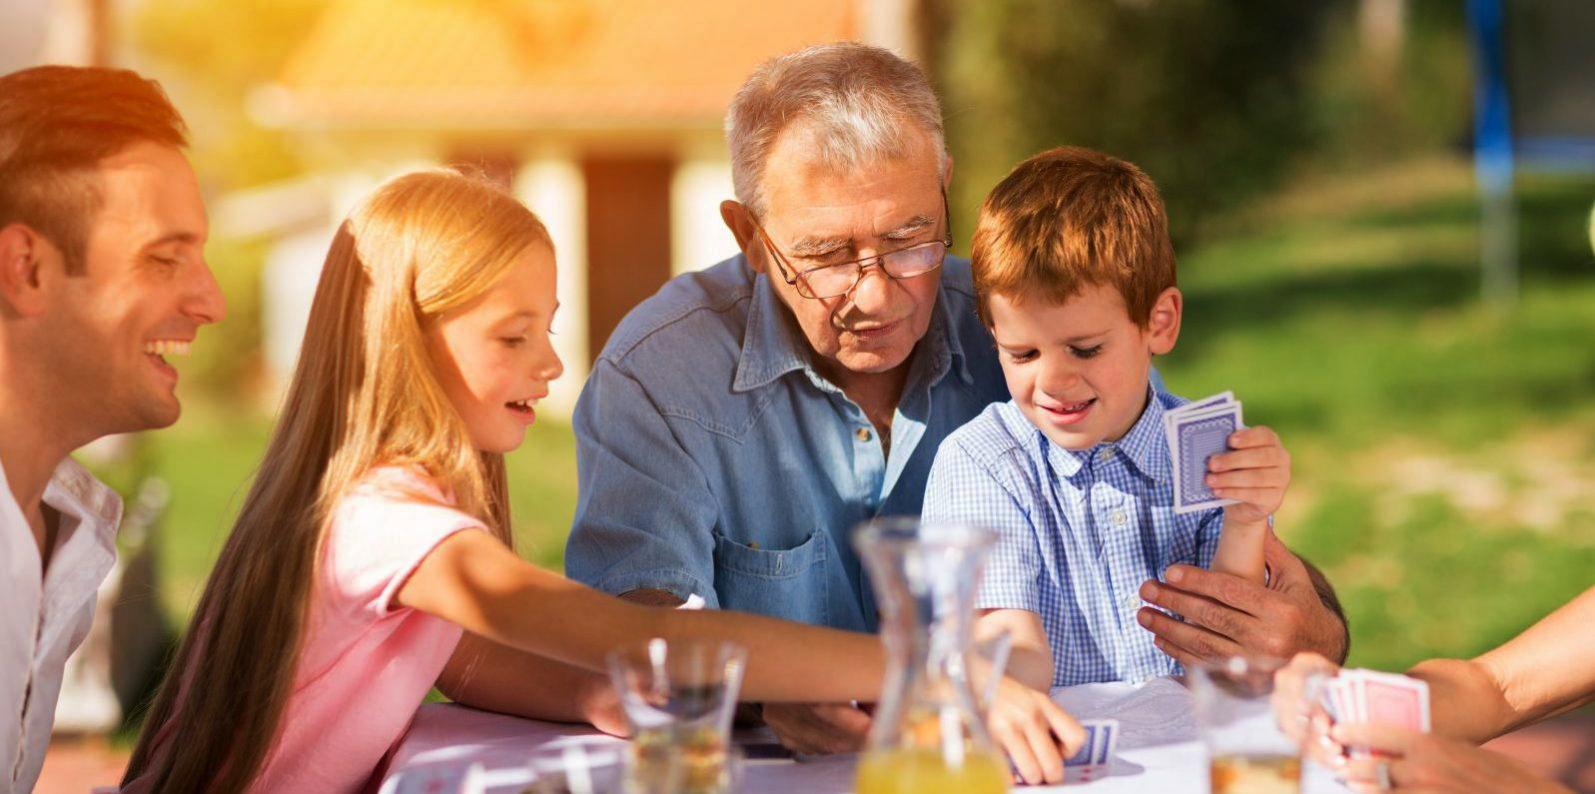 Familie beim Kartenspielen | | Kondrauer Mineral- und Heilbrunnen